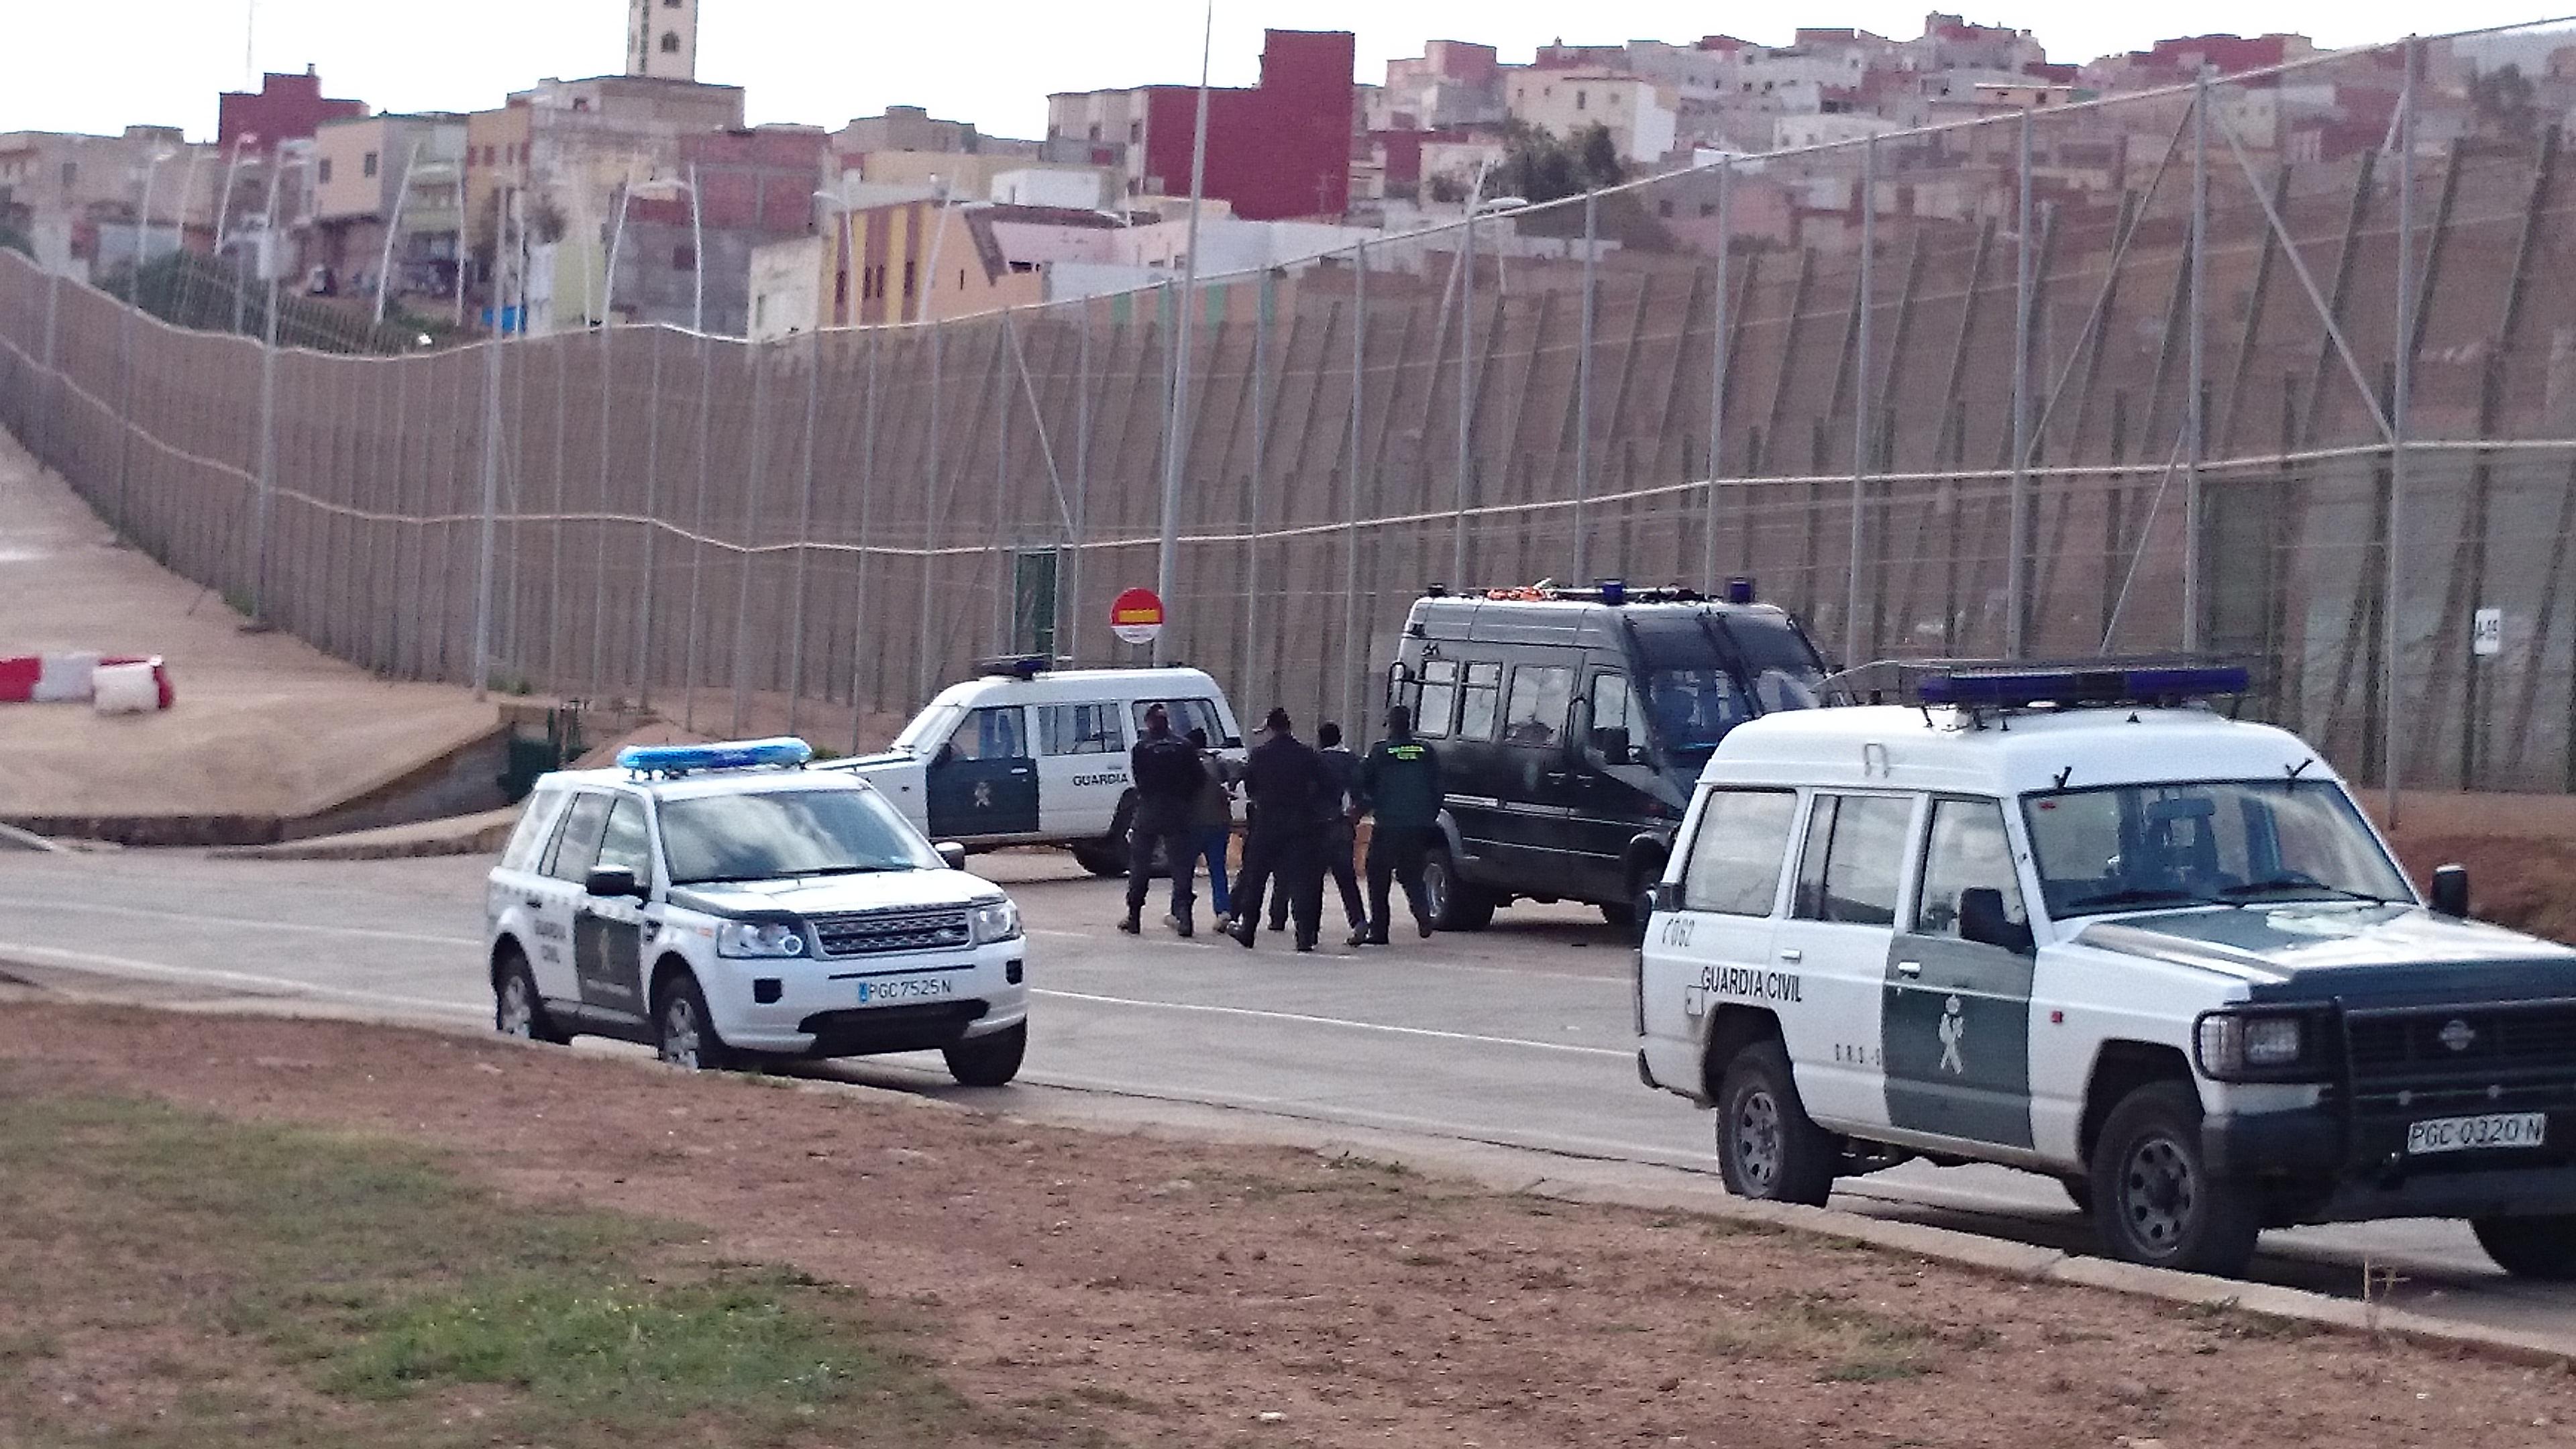 Melilla, Dezember 2014: Die Guardia Civil führt D.D. in Handschellen ab © Foto: ECCHR